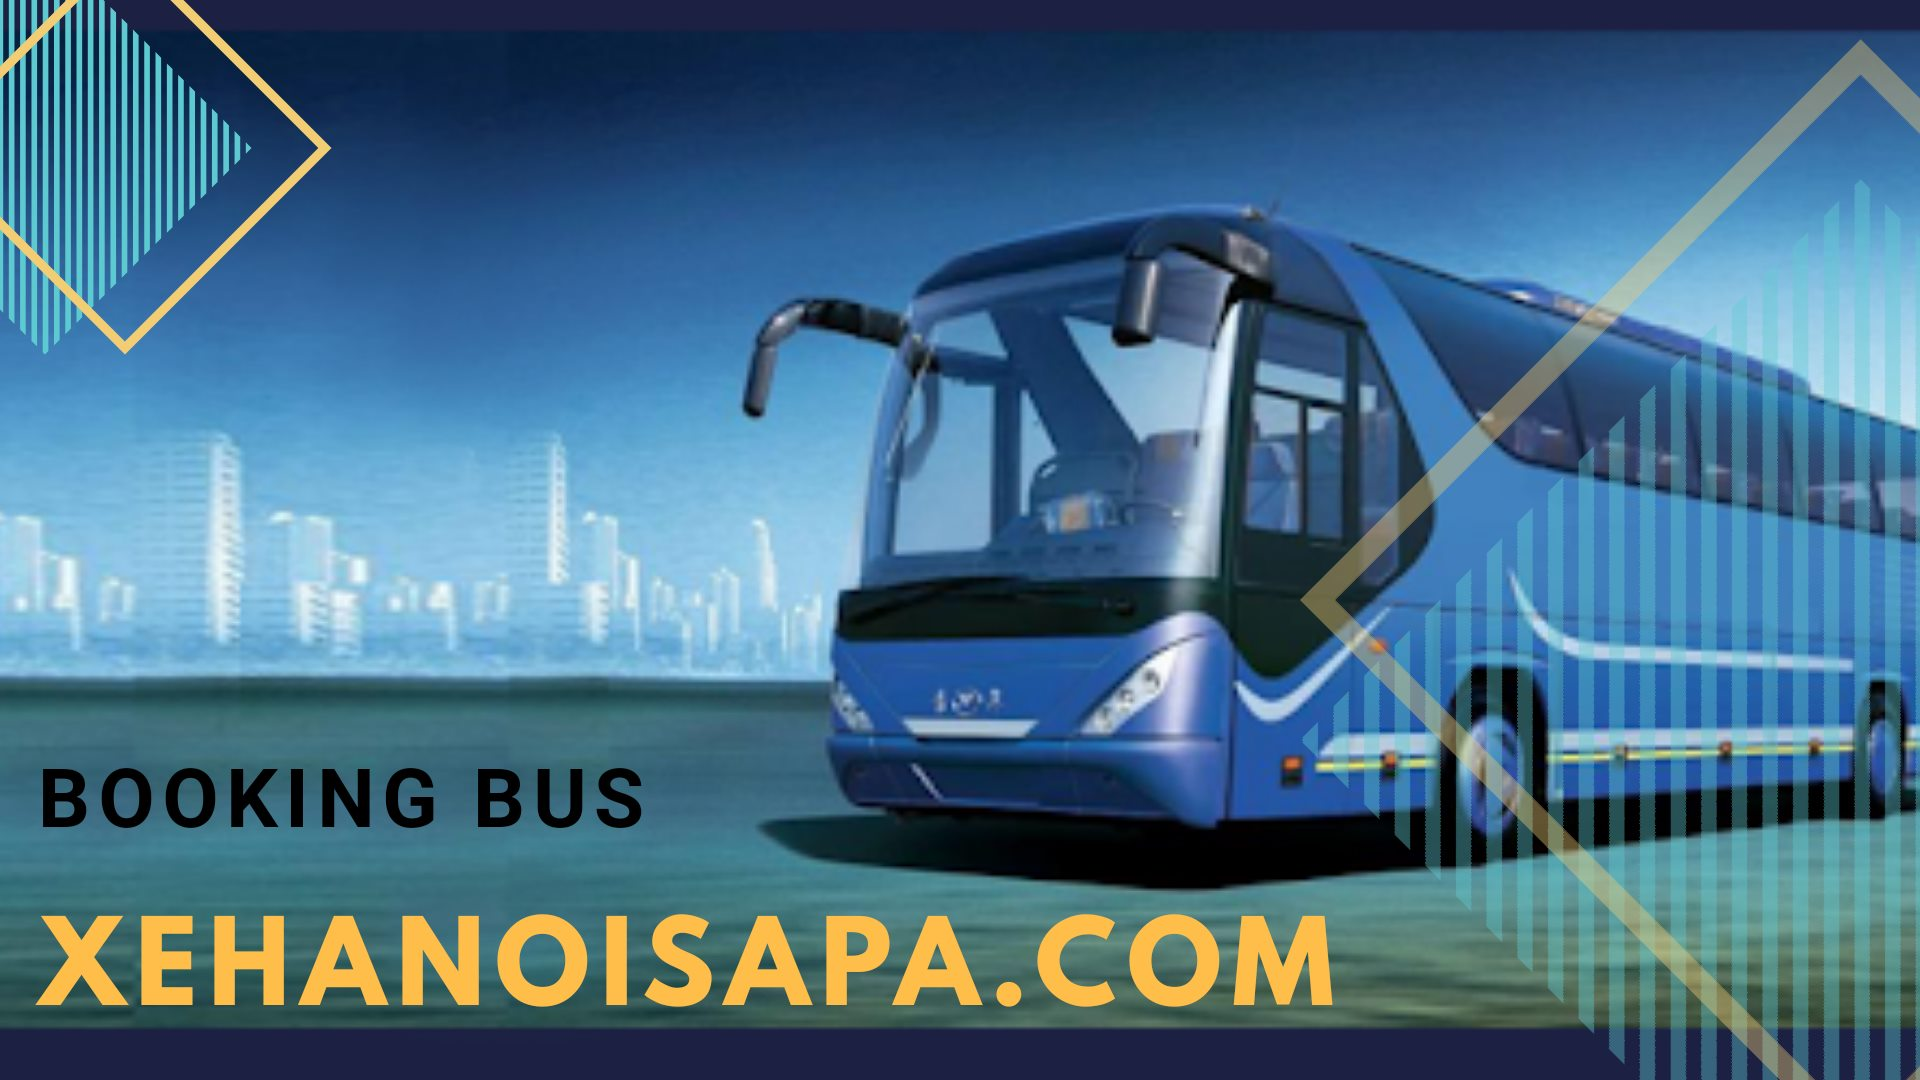 Hãng xe Eco Sapa Limousine - Booking nhanh chóng tại Xehanoisapa.com